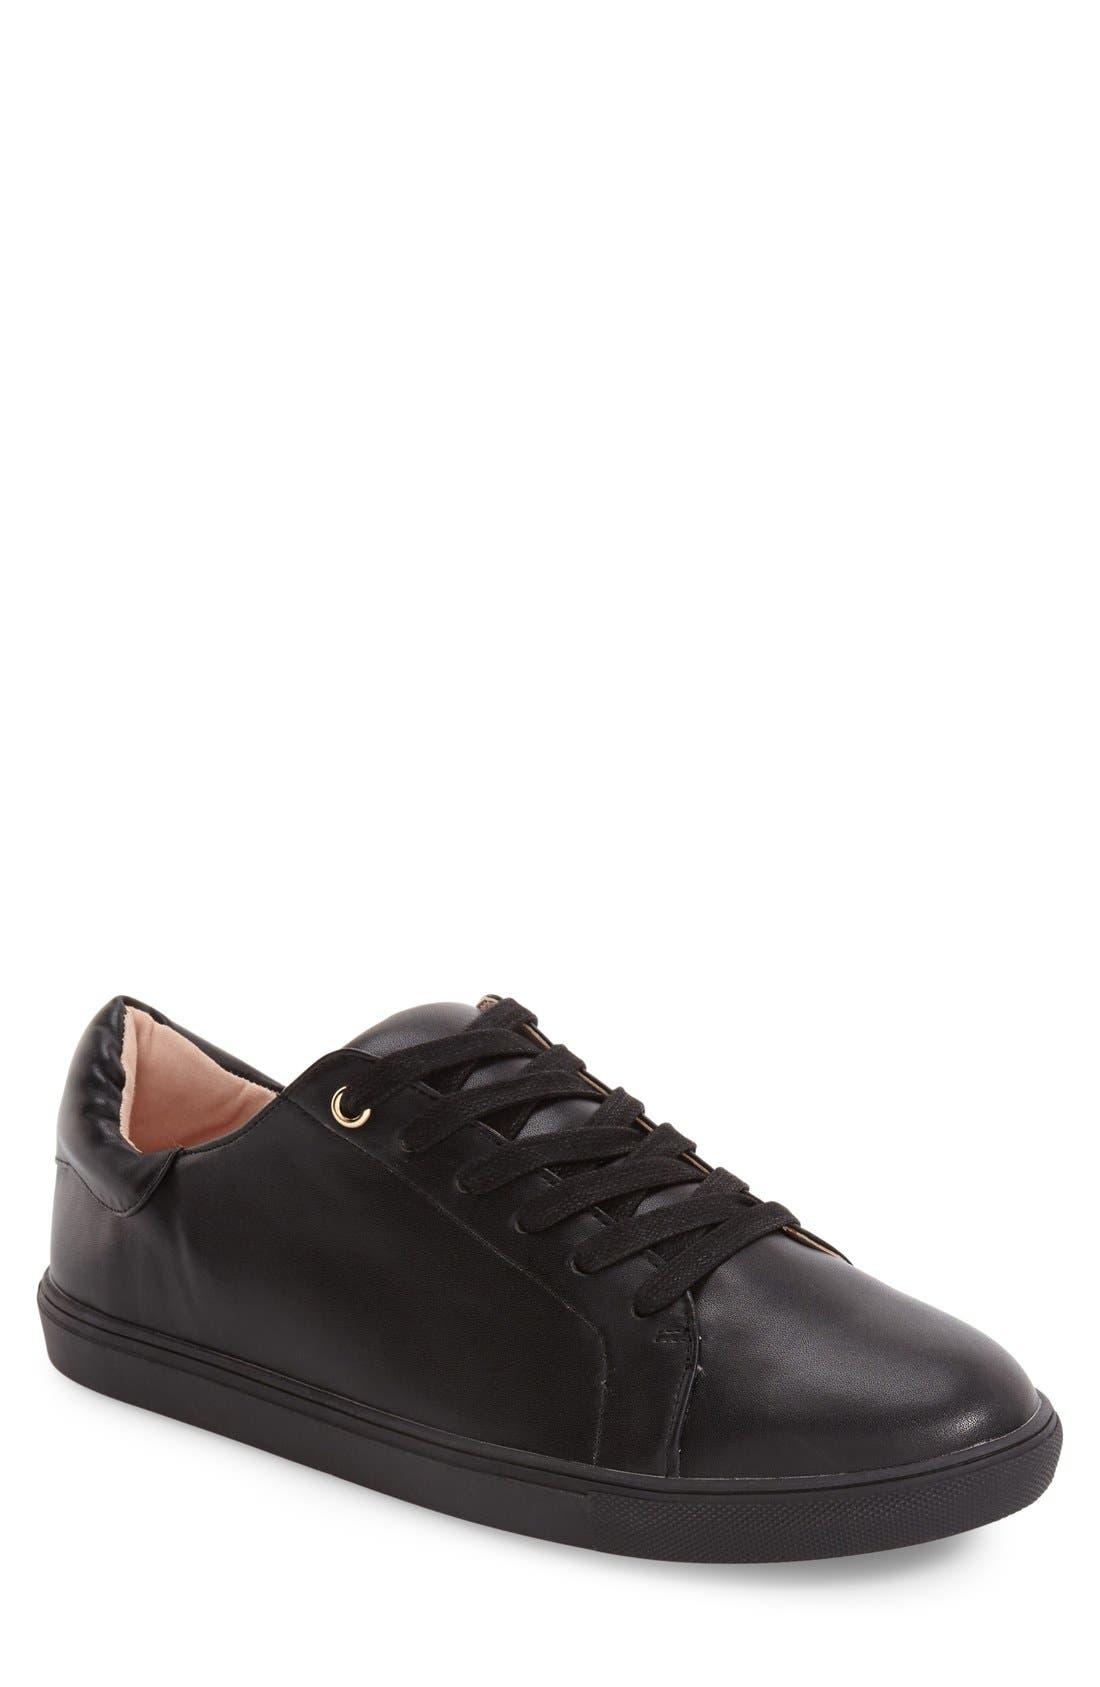 Main Image - Topshop Catseye Sneaker (Women)